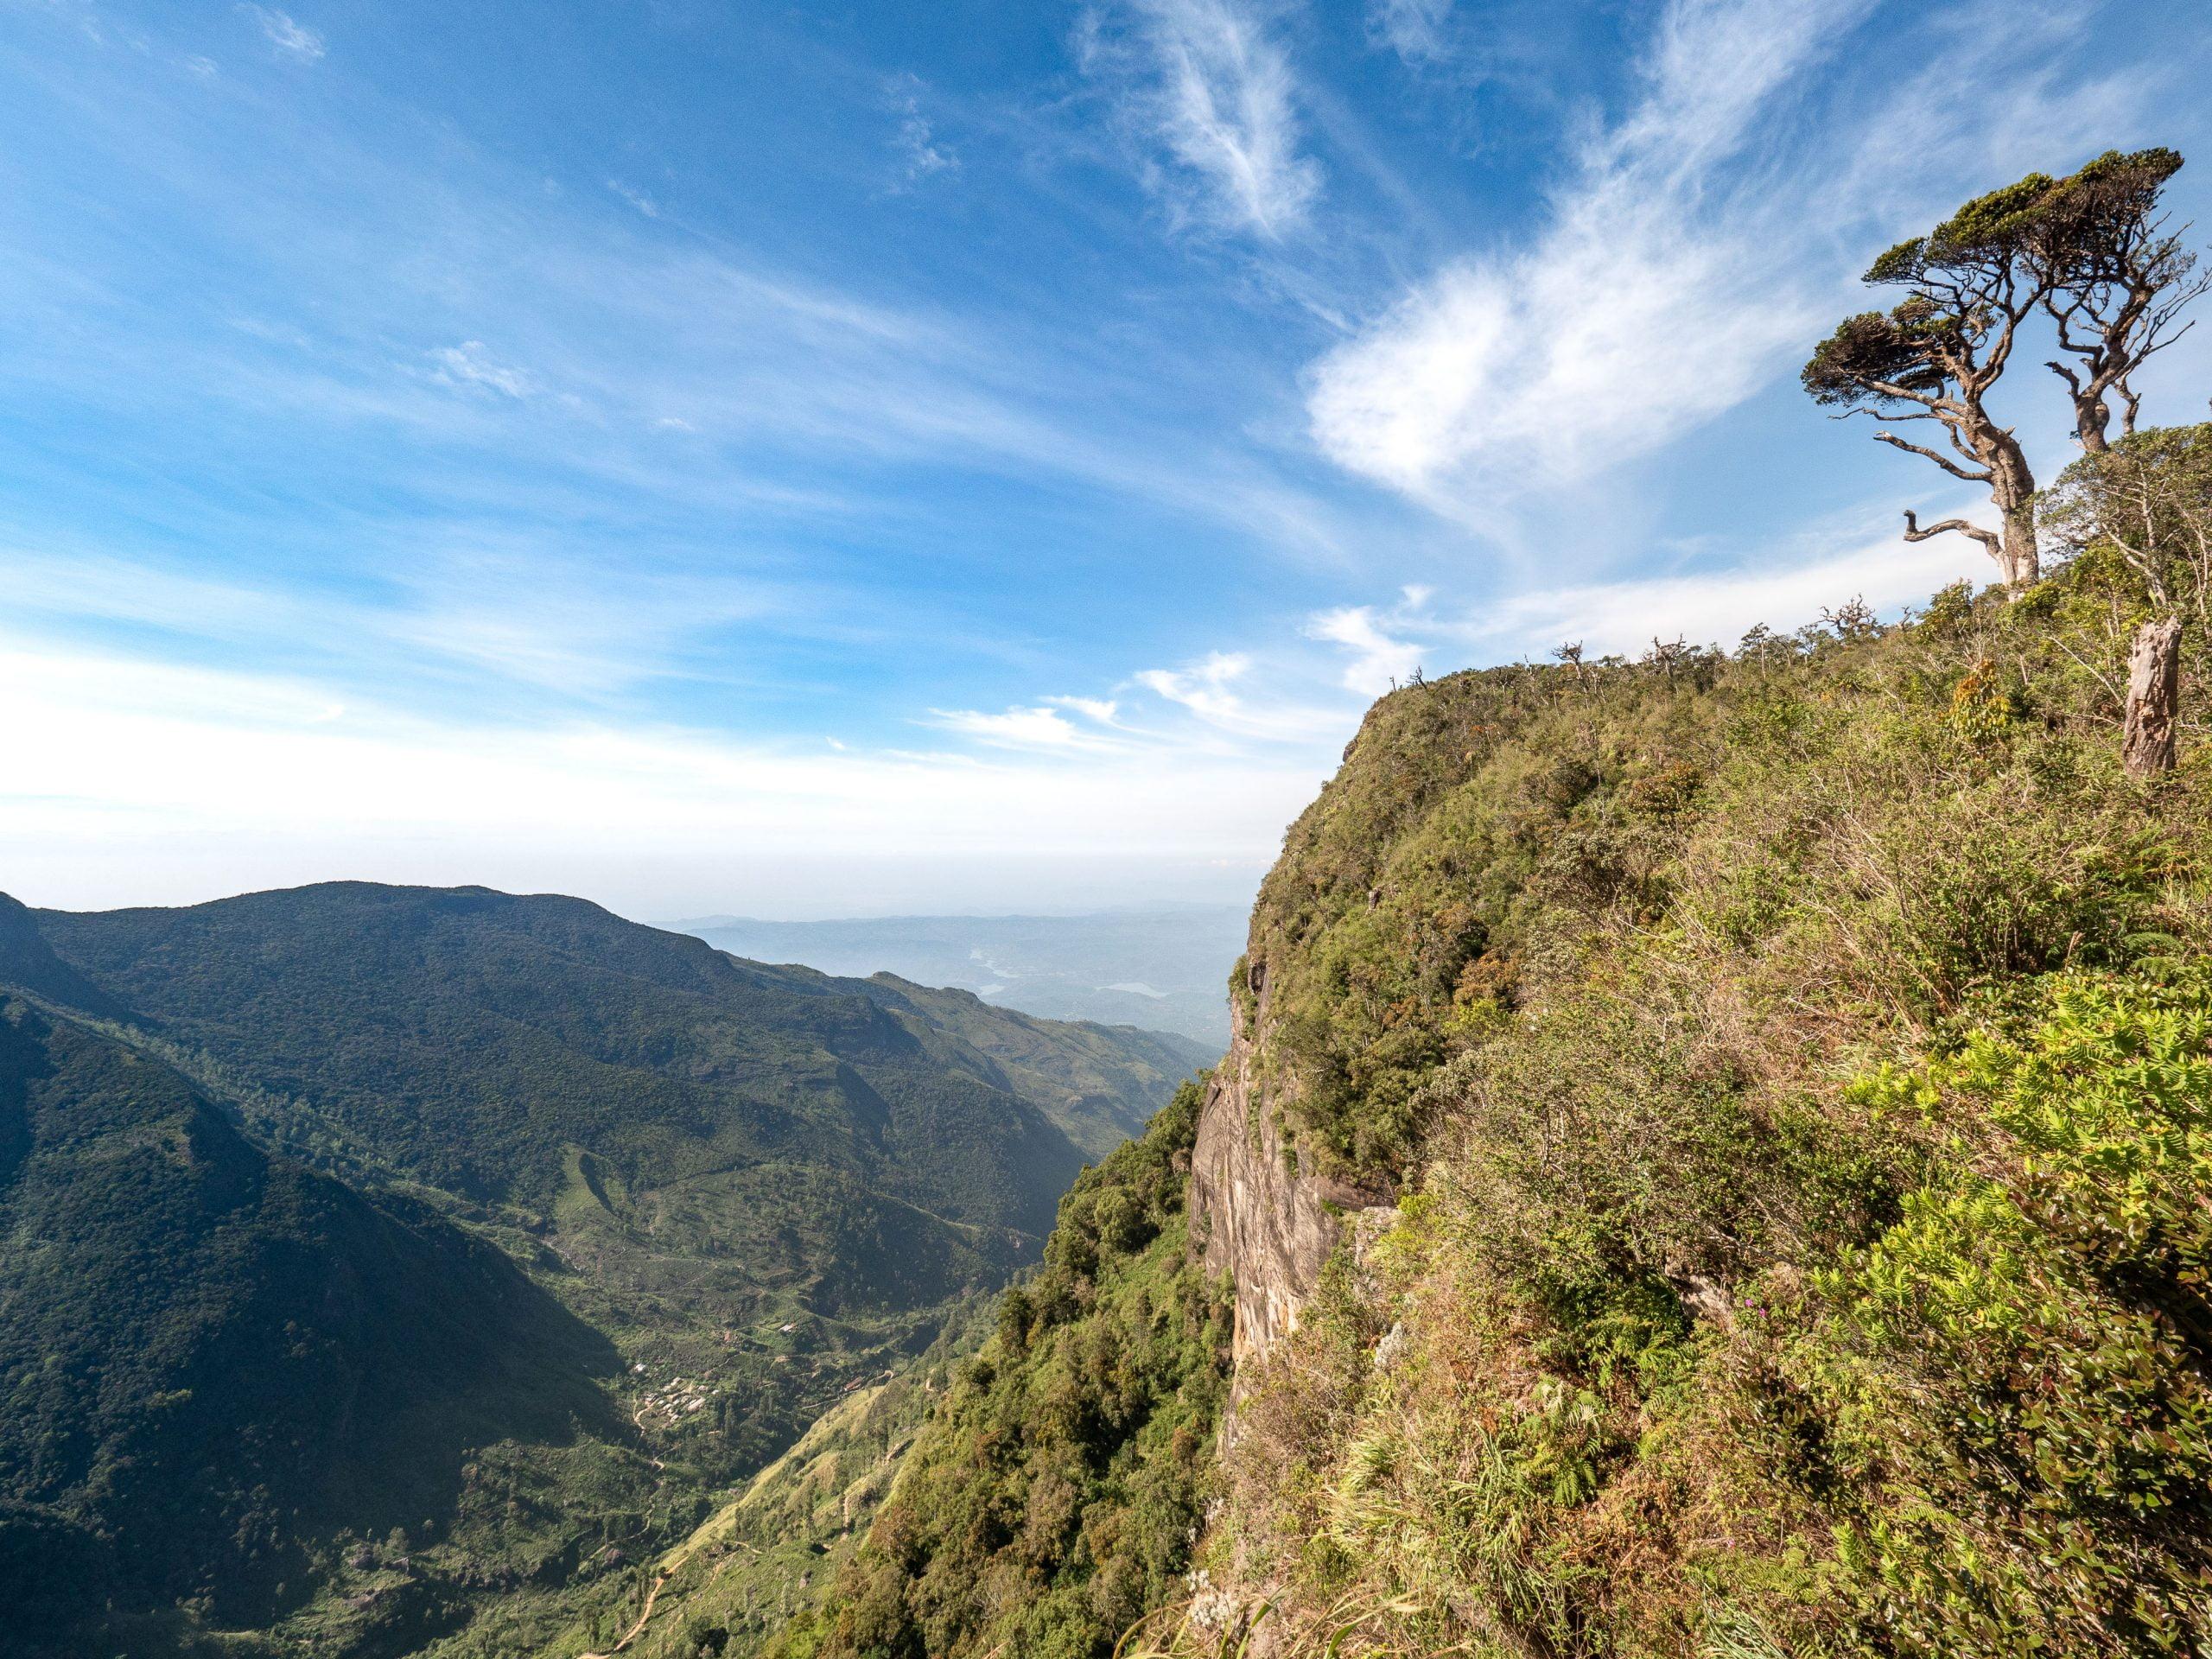 point de vue world's end au parc national d'Horton plains, Sri Lanka